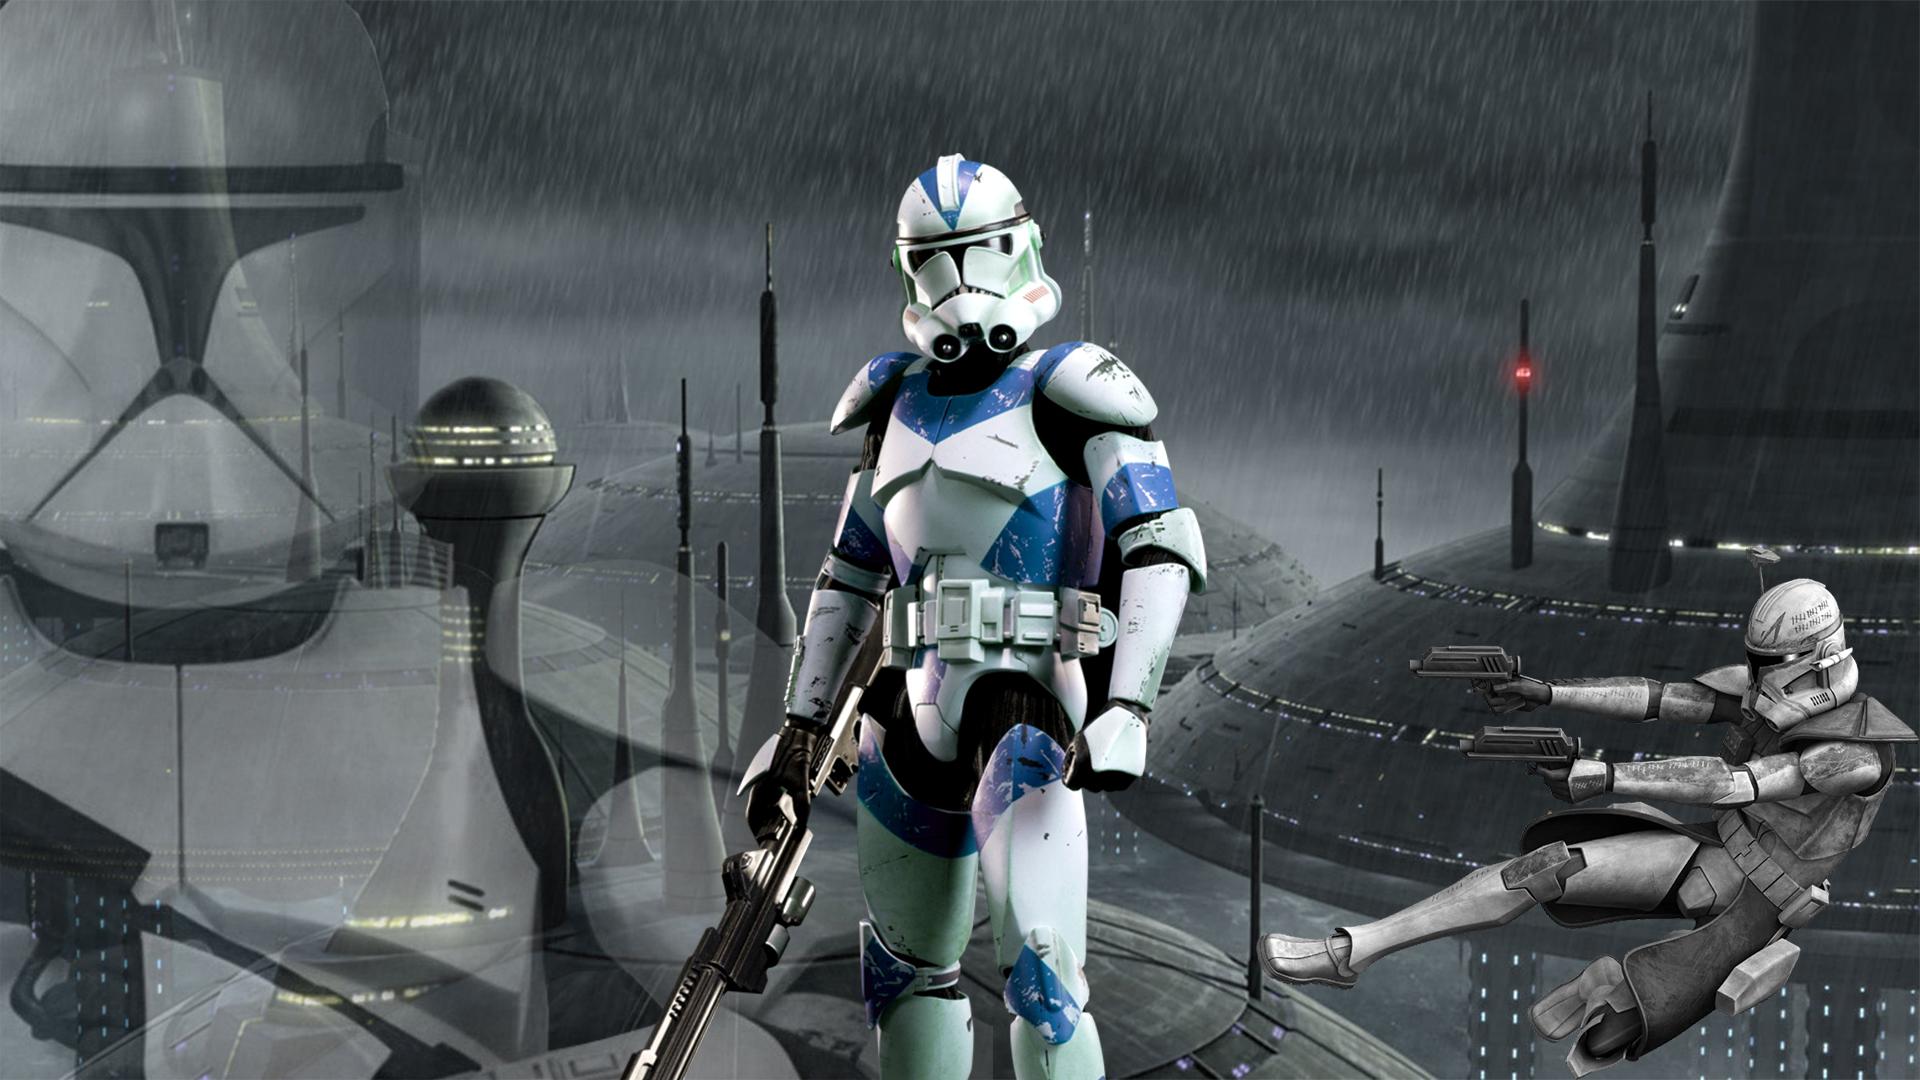 Clone Trooper Star Wars Science Fiction Rain Wallpaper Resolution 1920x1080 Id 130932 Wallha Com